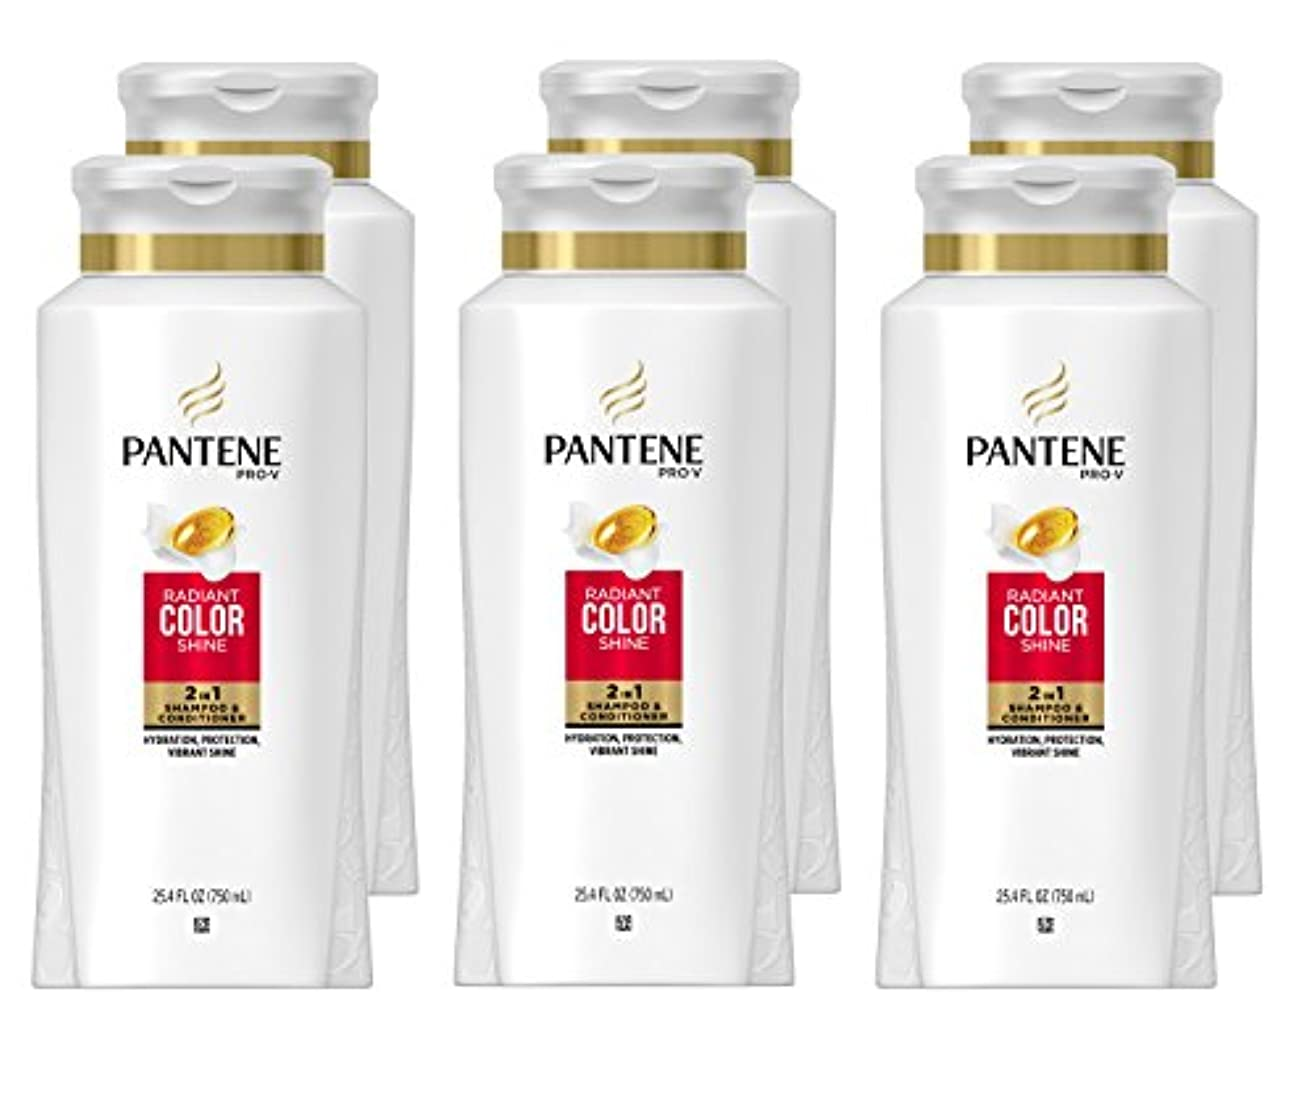 コミットメント感情の行為Pantene プロVラディアン色1シャンプー&コンディショナー、25.4液量オンスで磨き2(6パック)(梱包異なる場合があります)